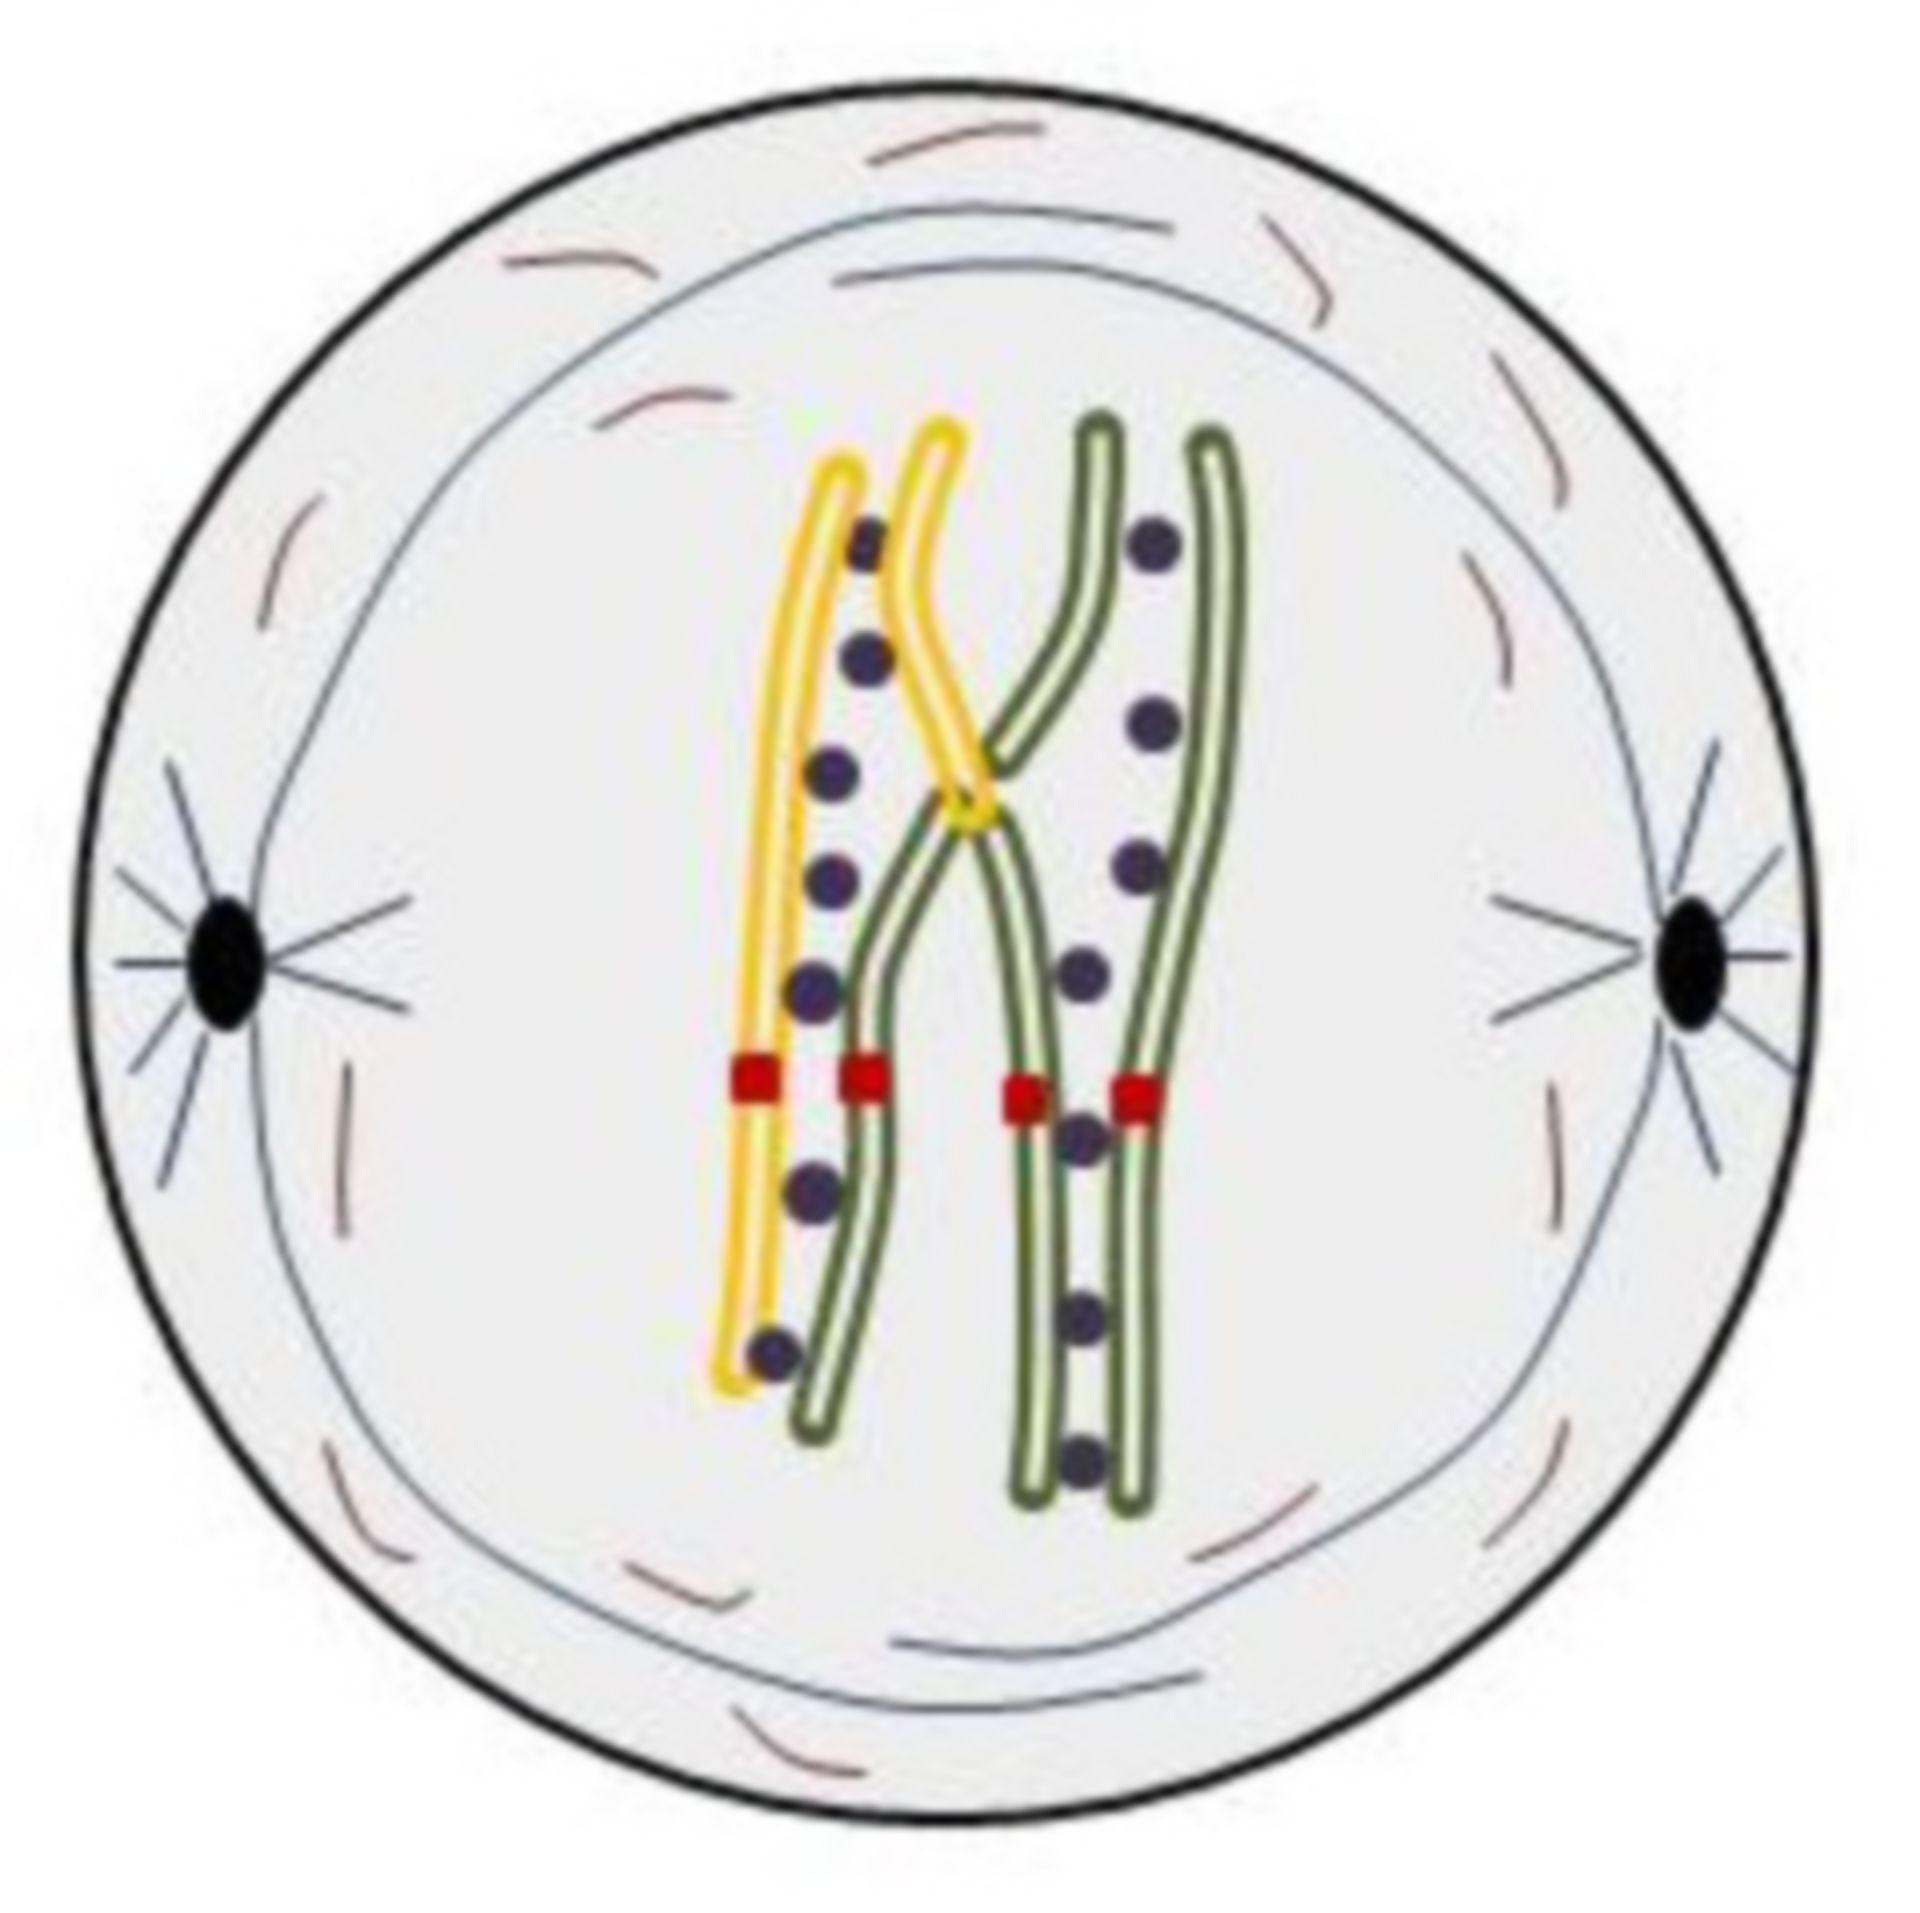 Diakinesis